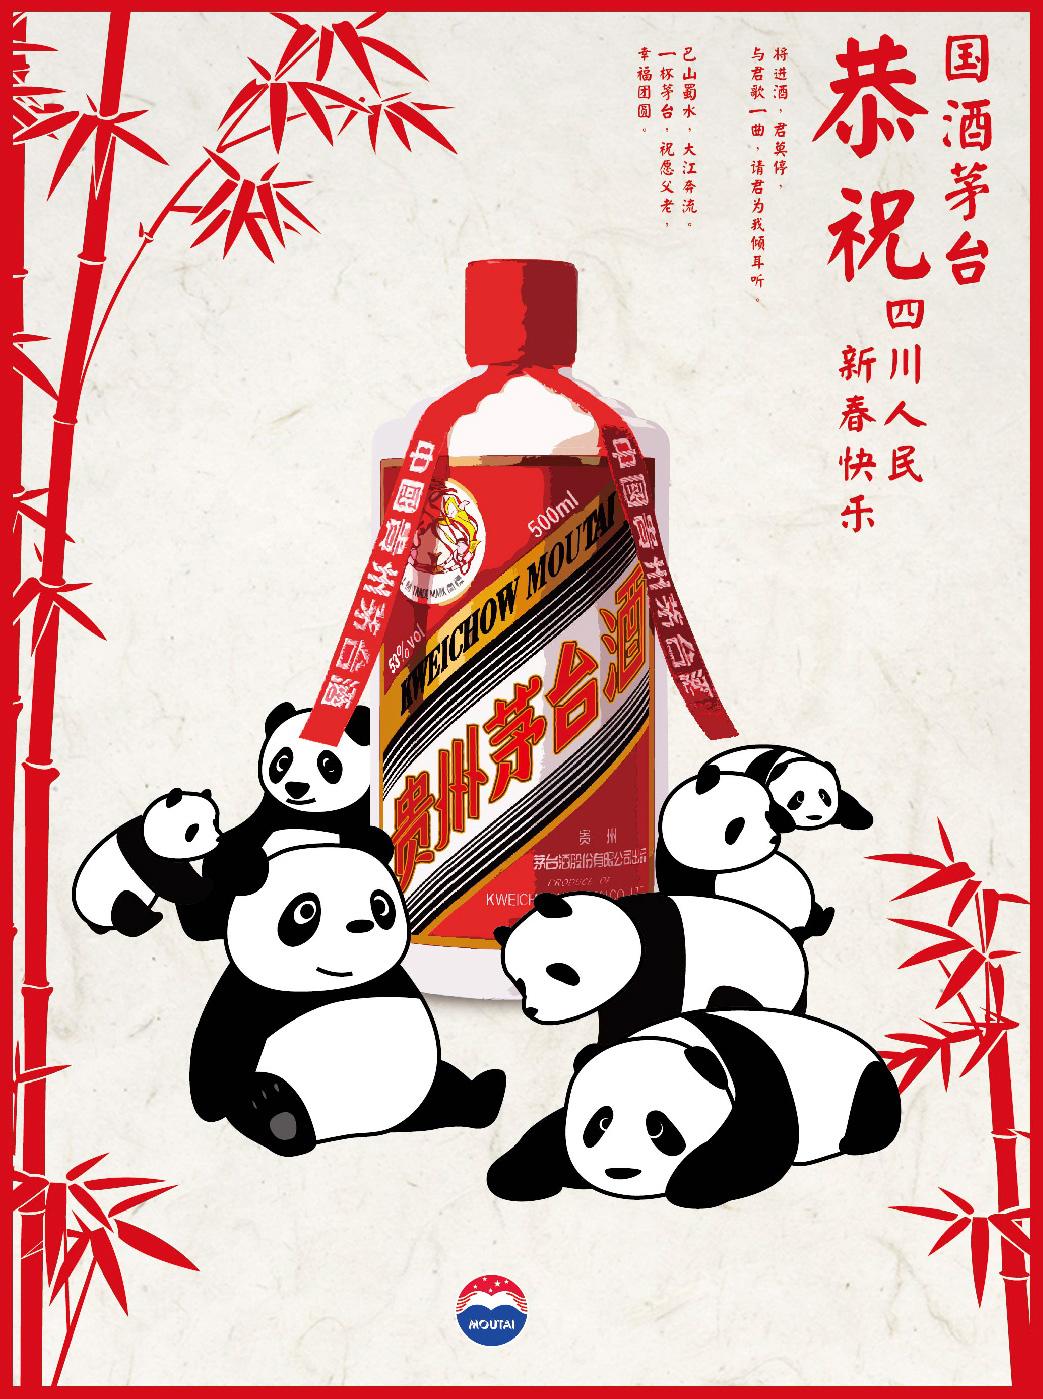 上海鹿马广告案例_国酒茅台酒系列海报4